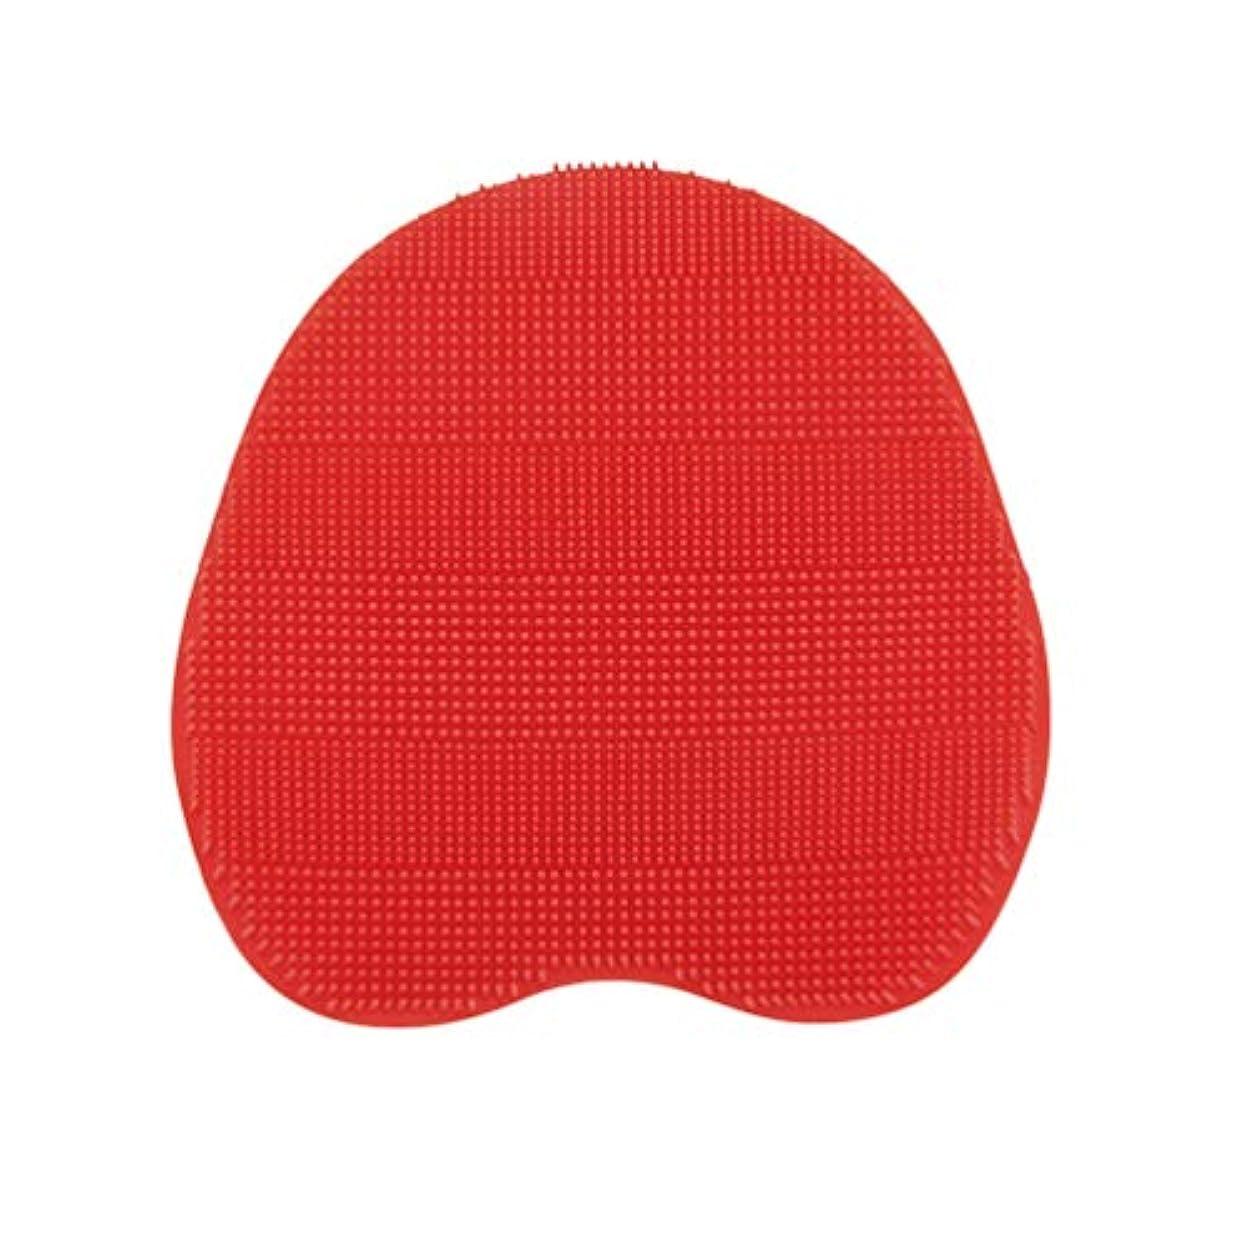 破滅的な混雑変化するSUPVOX 乾燥肌クレードルキャップおよび湿疹用のベビーバスシリコンブラシ(赤)